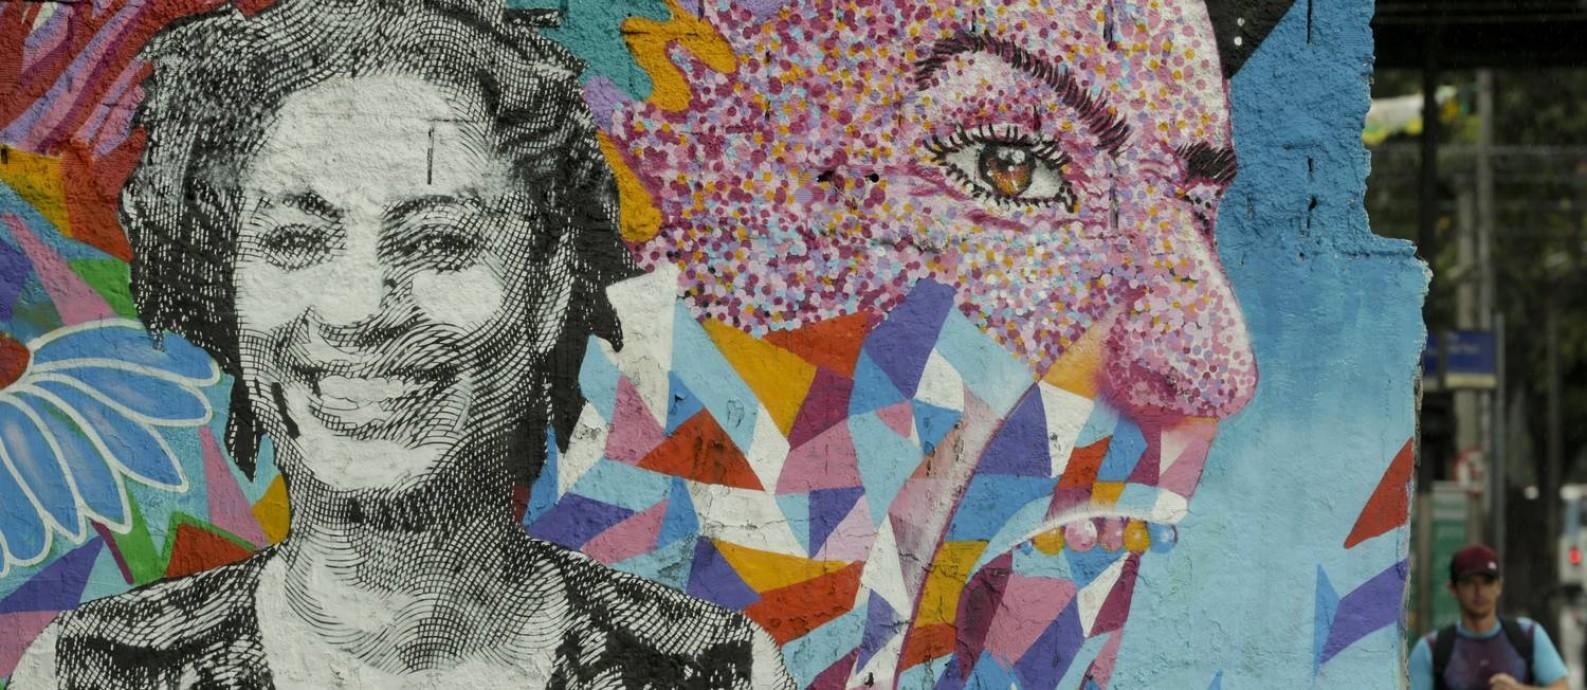 RI Rio de janeiro (RJ) 17/08/2018 - Grafite em homenagem a Marielle Franco na rua João Paulo I, no Rio Comprido. Foto de Gabriel de Paiva / Agência O Globo Foto: Gabriel de Paiva / Agência O Globo